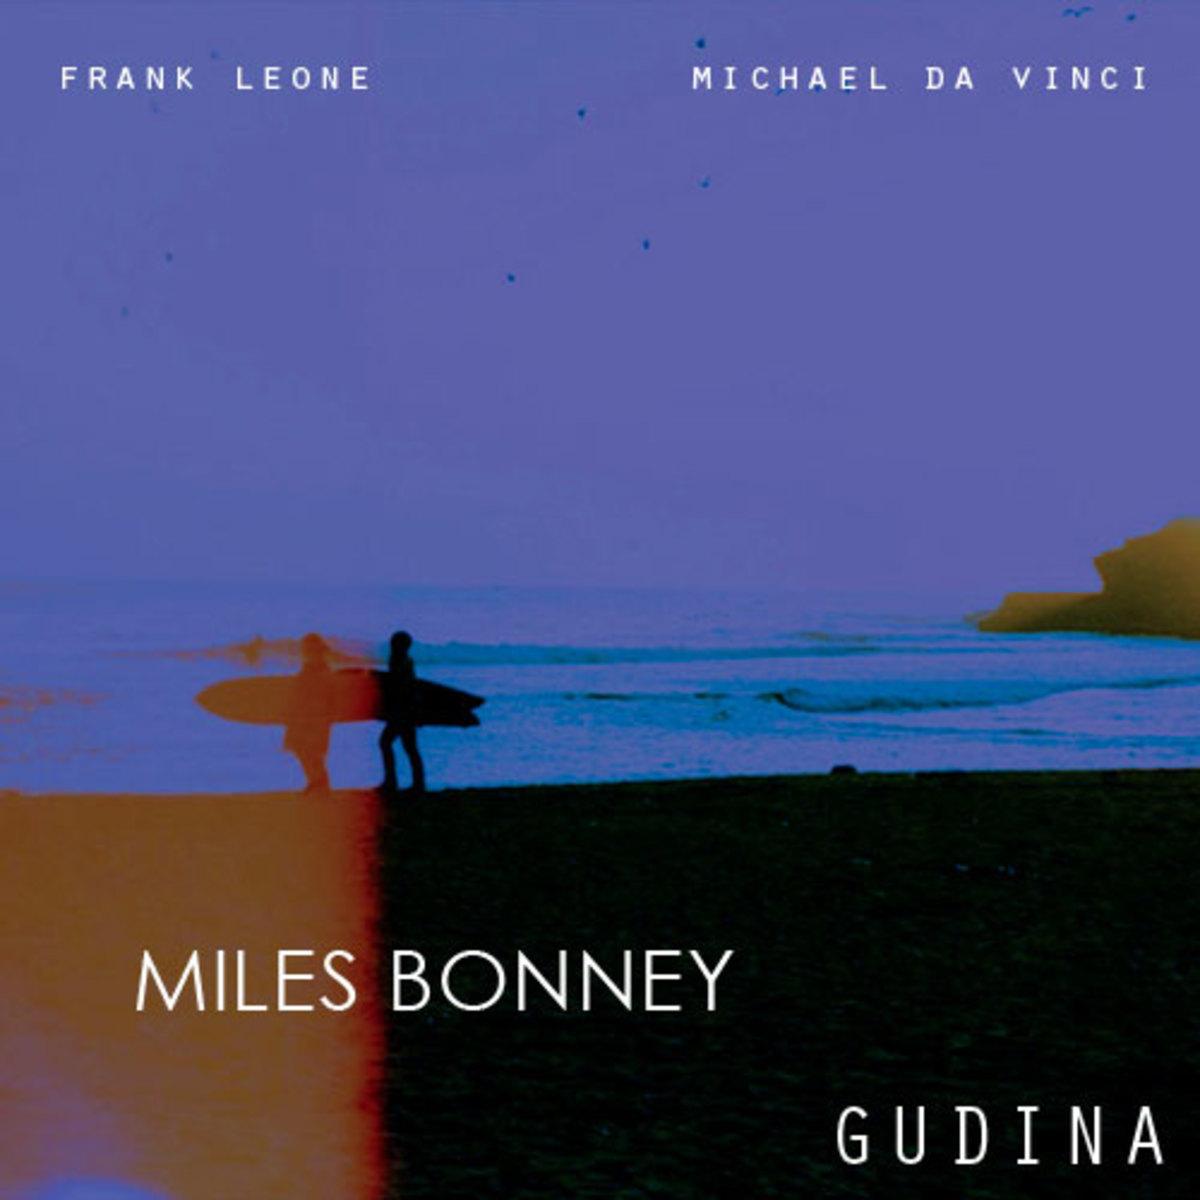 frankleone-milesbonney.jpg